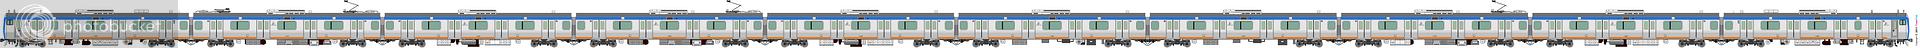 鐵路列車 1990